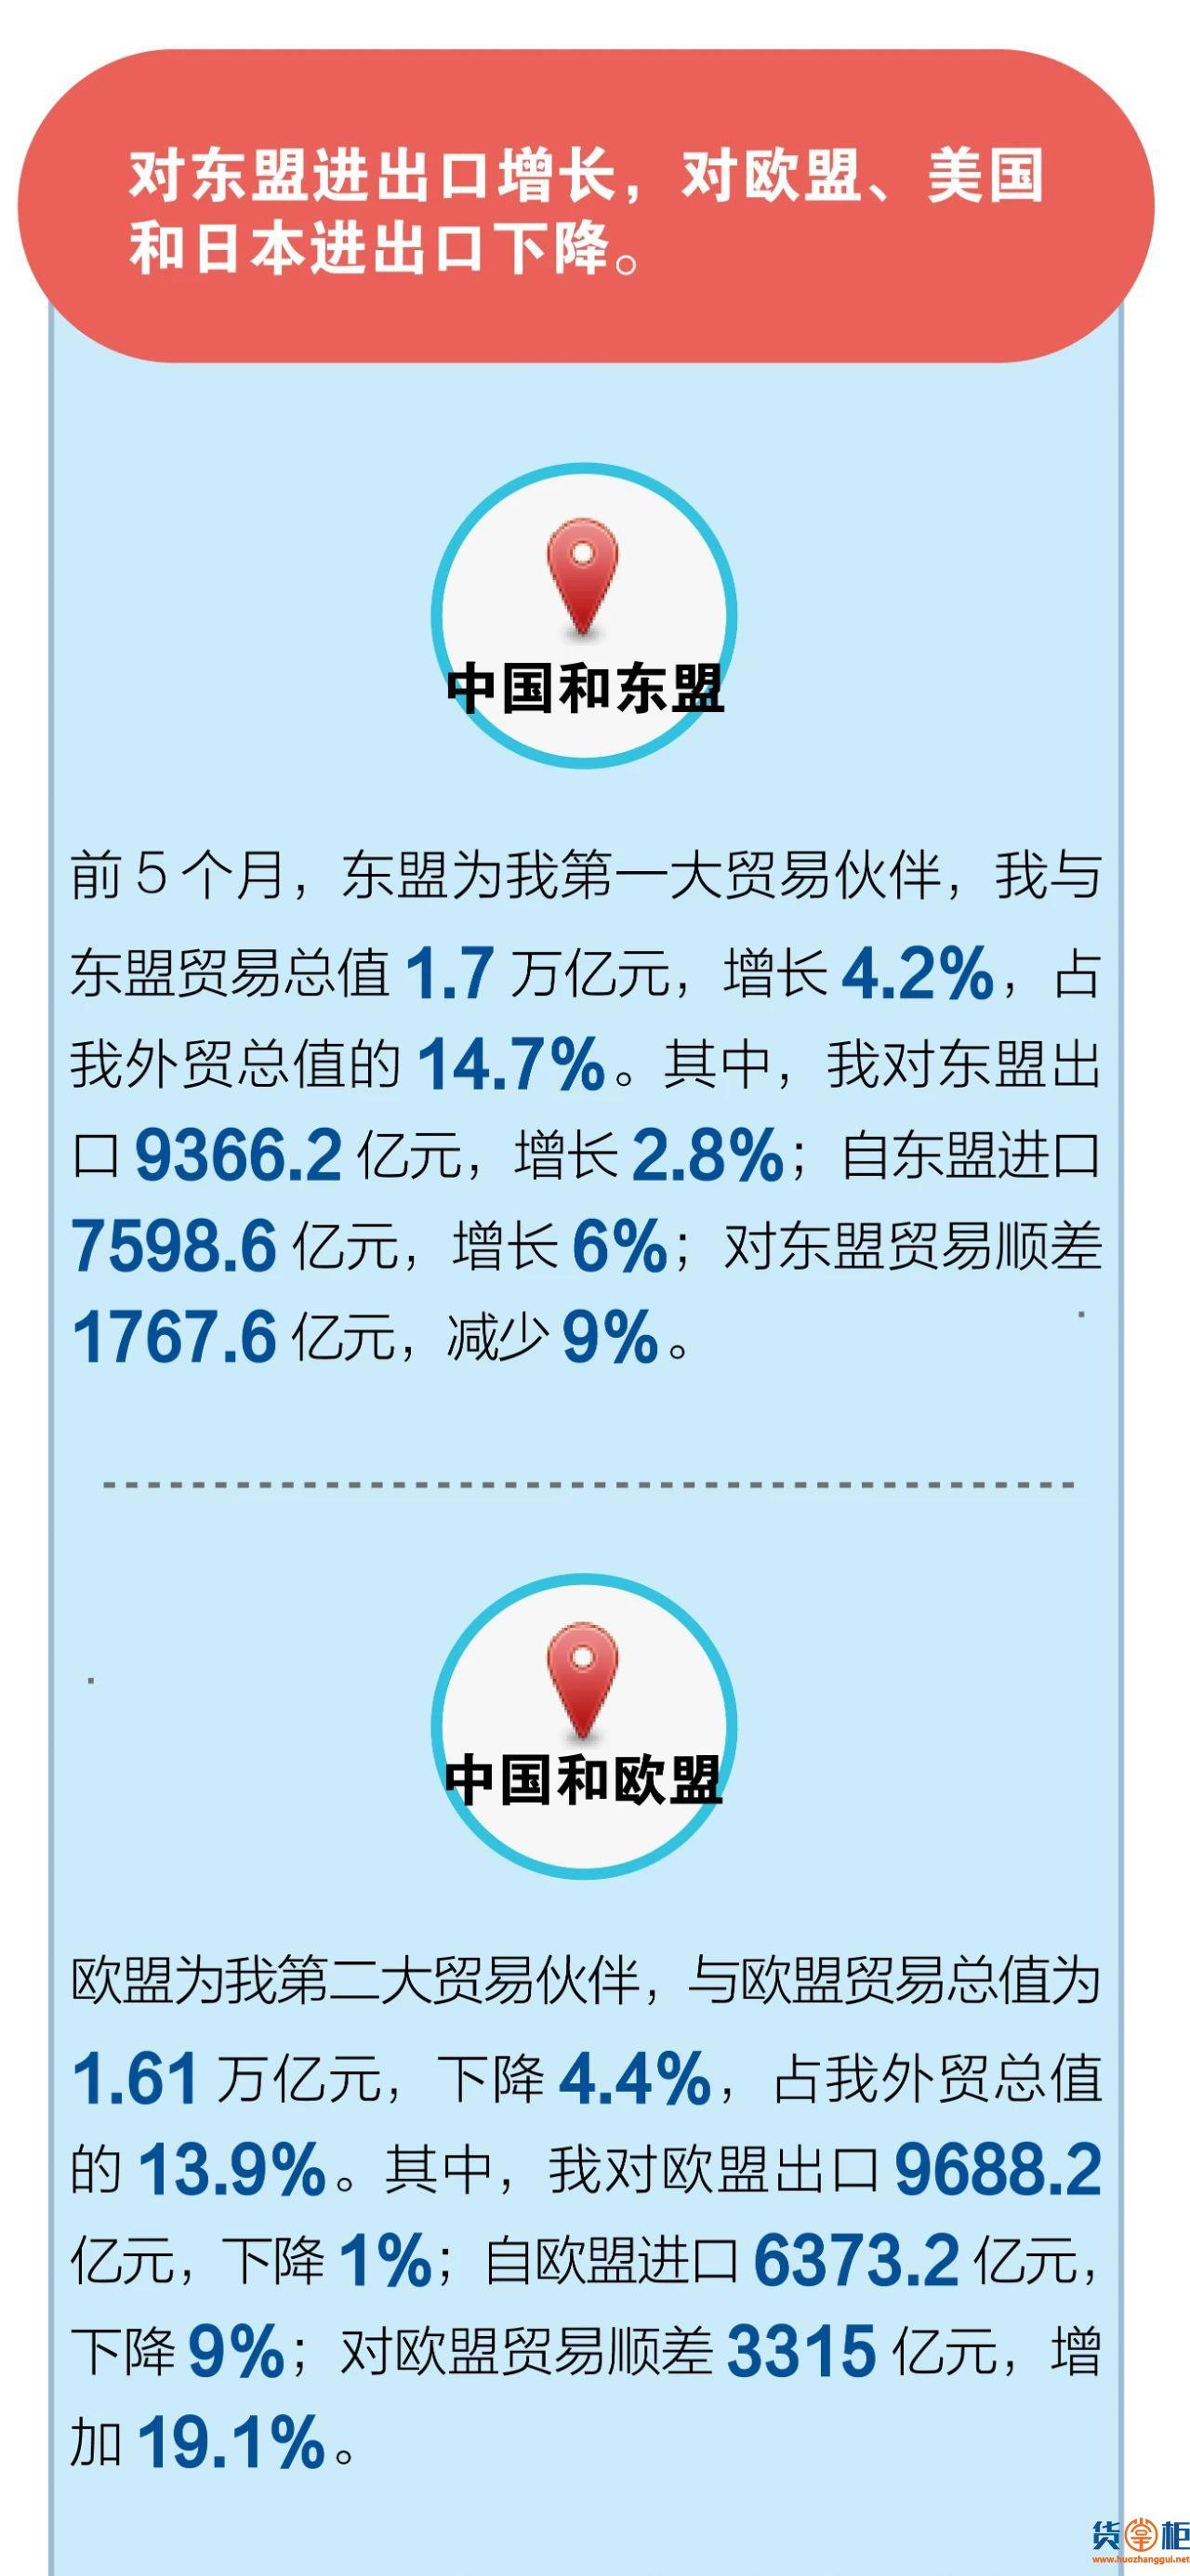 前5个月我国外贸进出口情况;5月份出口增长1.4%